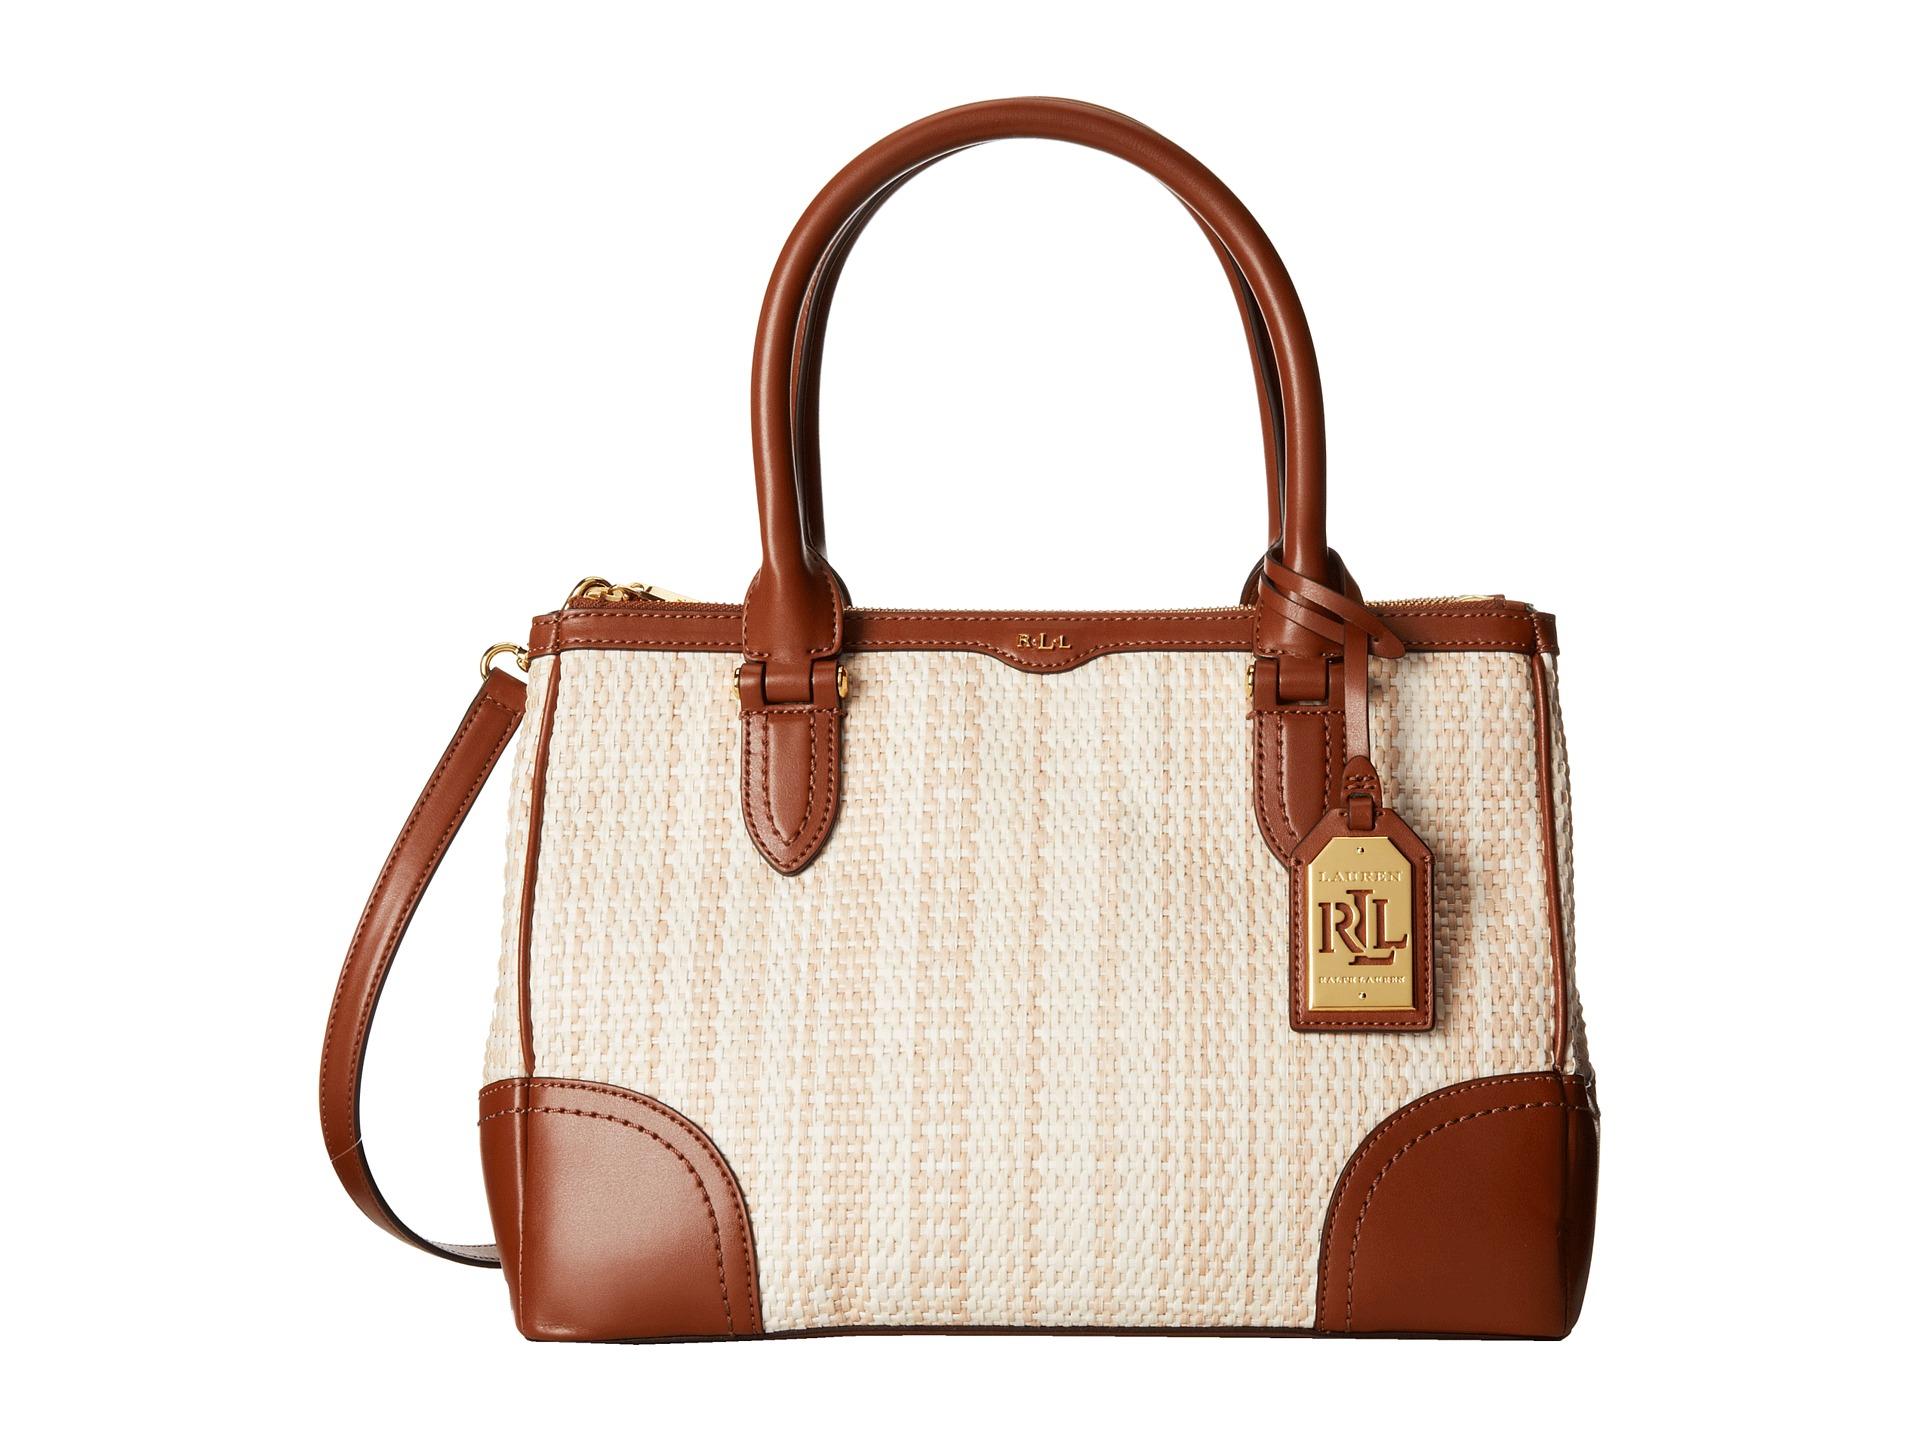 5f64b0f20ea Lyst - Lauren by Ralph Lauren Newbury Straw Double Zip Shopper in ...